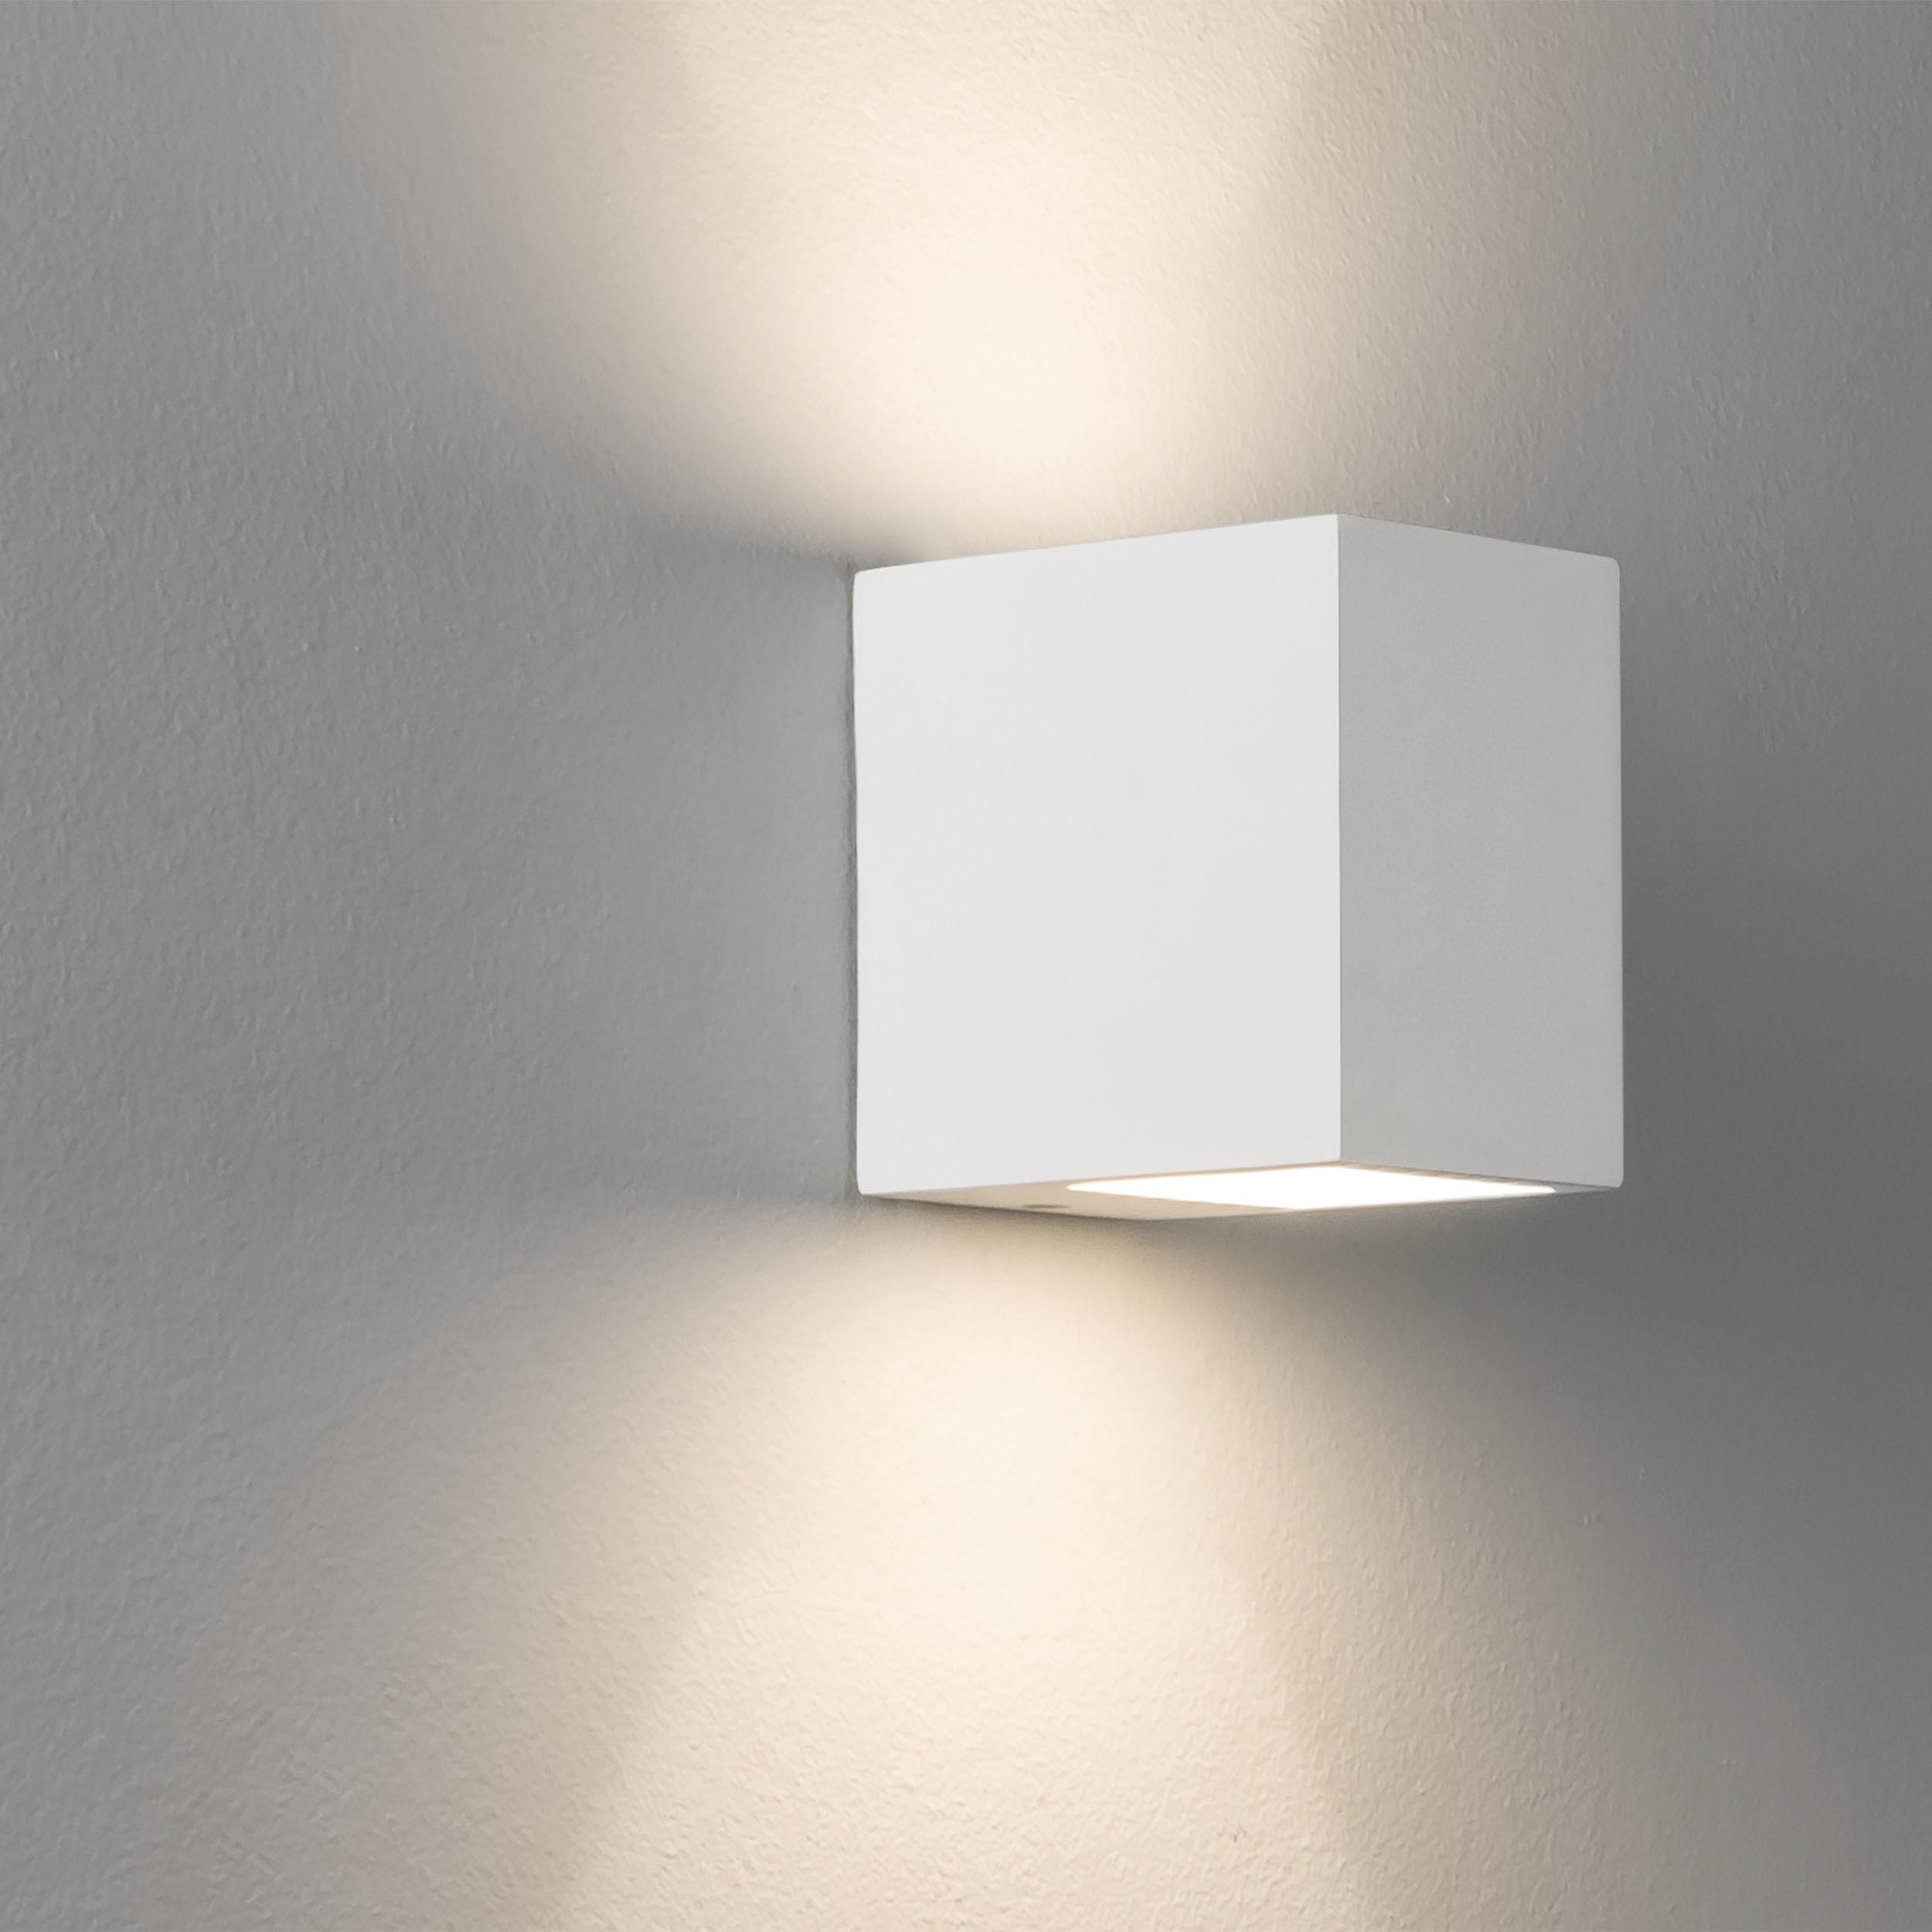 Настенный светильник Astro Mosto 1173001 (813), 1xG9x40W, белый, под покраску, гипс - фото 1